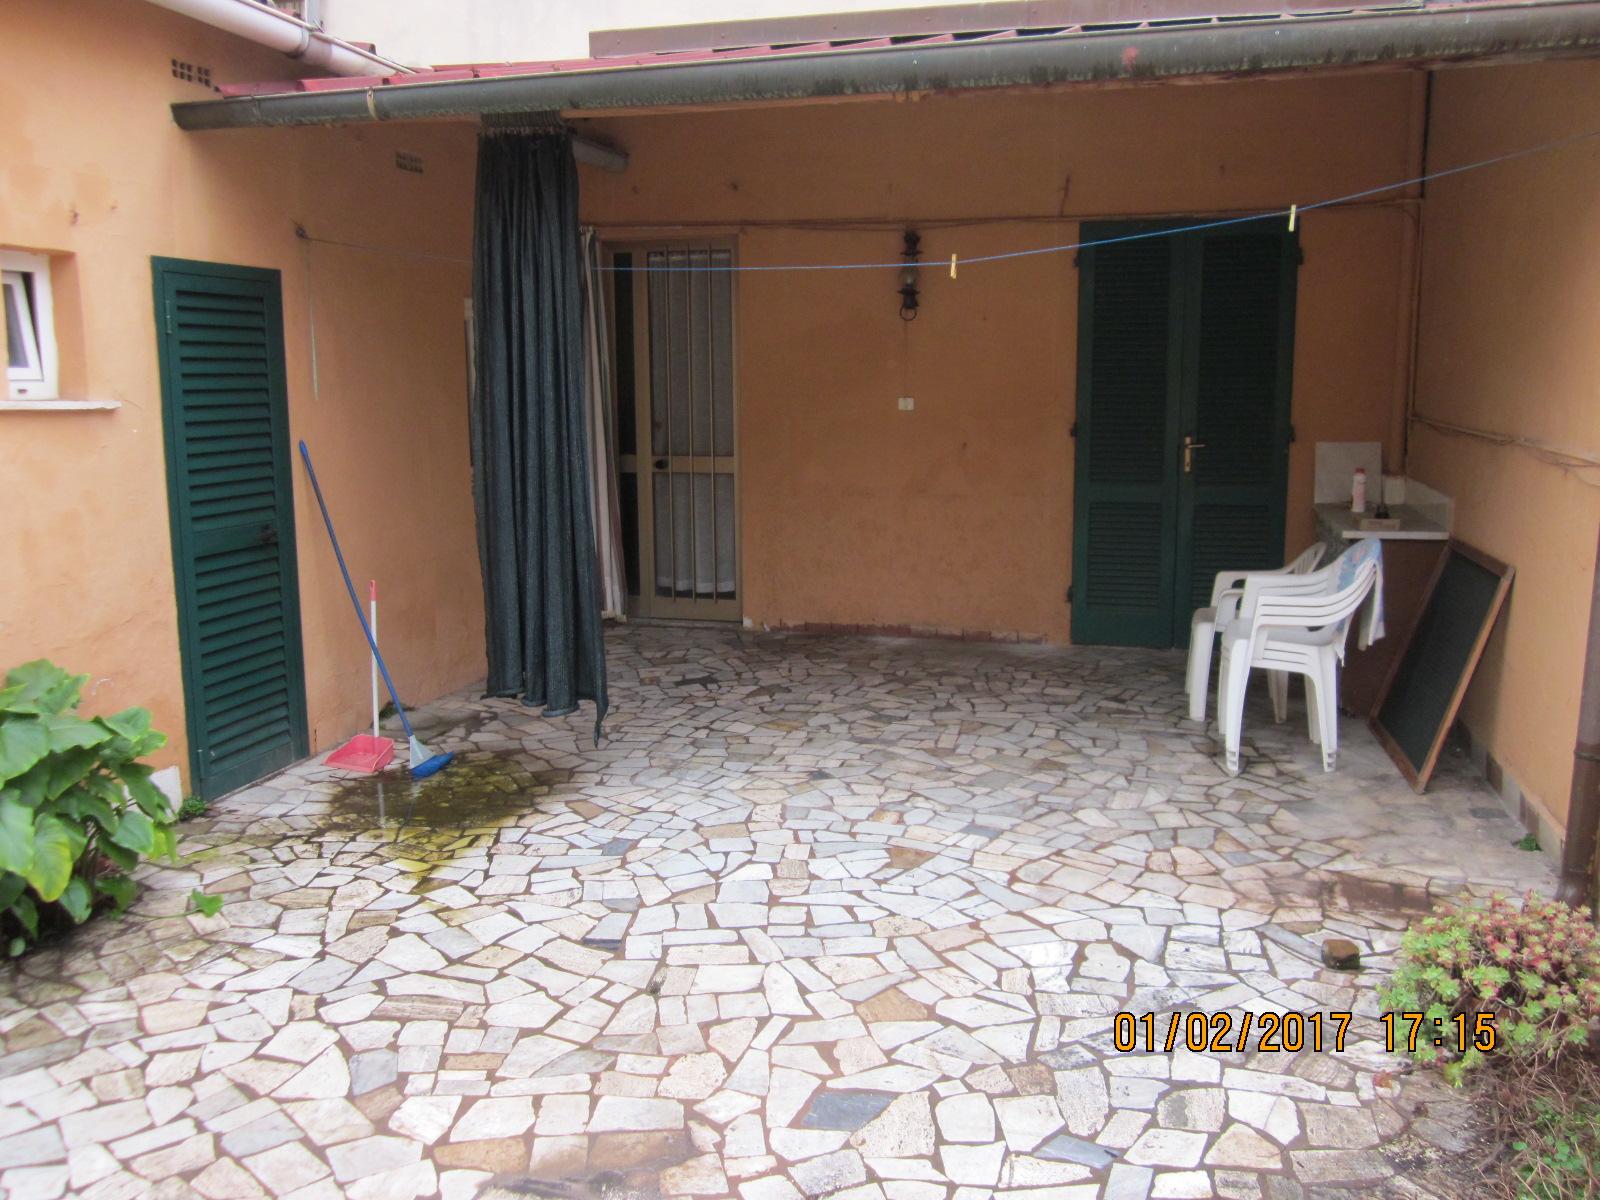 Soluzione Indipendente in vendita a Viareggio, 3 locali, prezzo € 130.000 | Cambio Casa.it